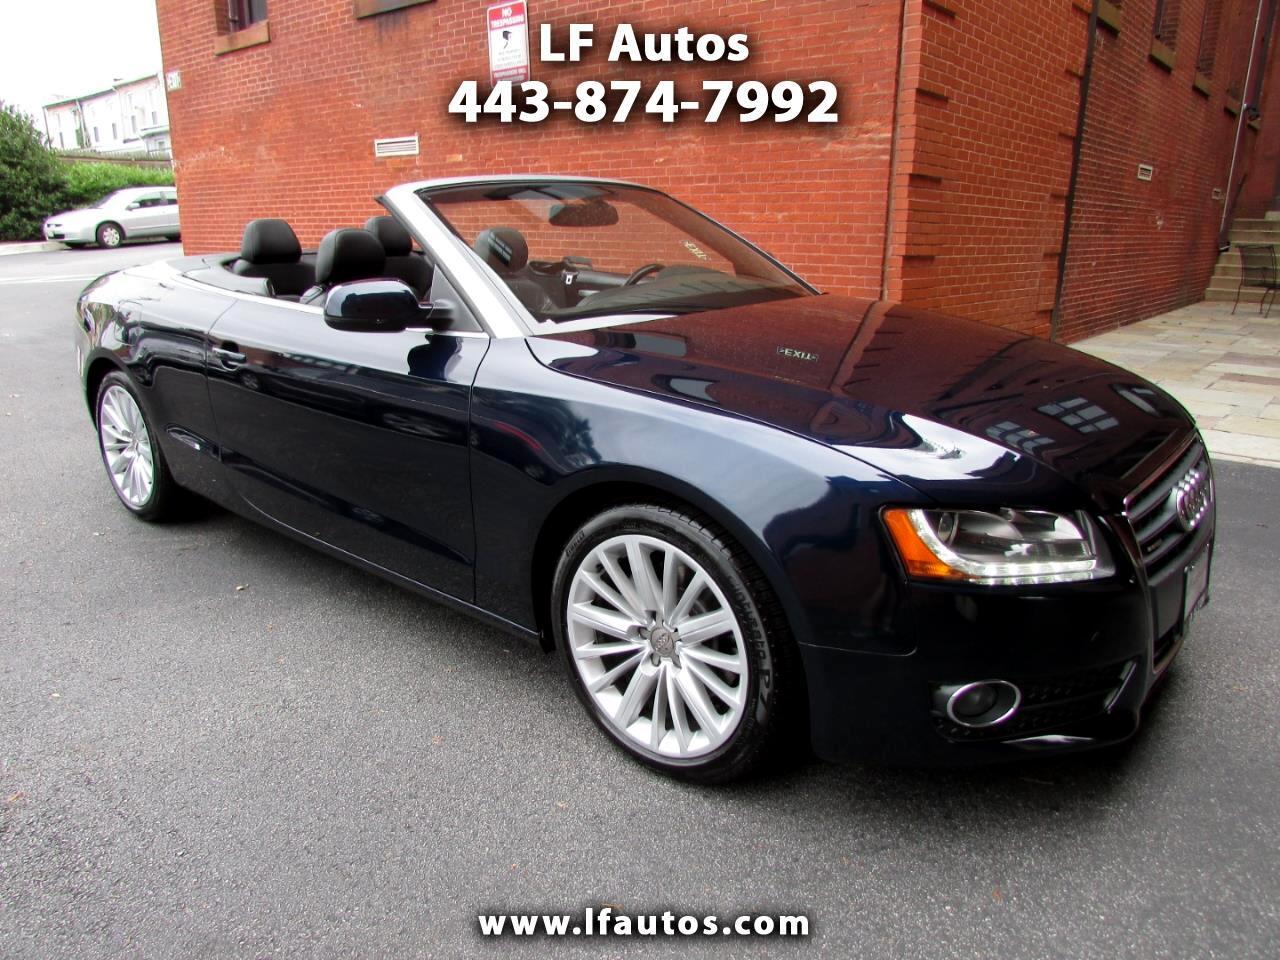 2010 Audi A5 2dr Cabriolet Auto quattro Premium Plus